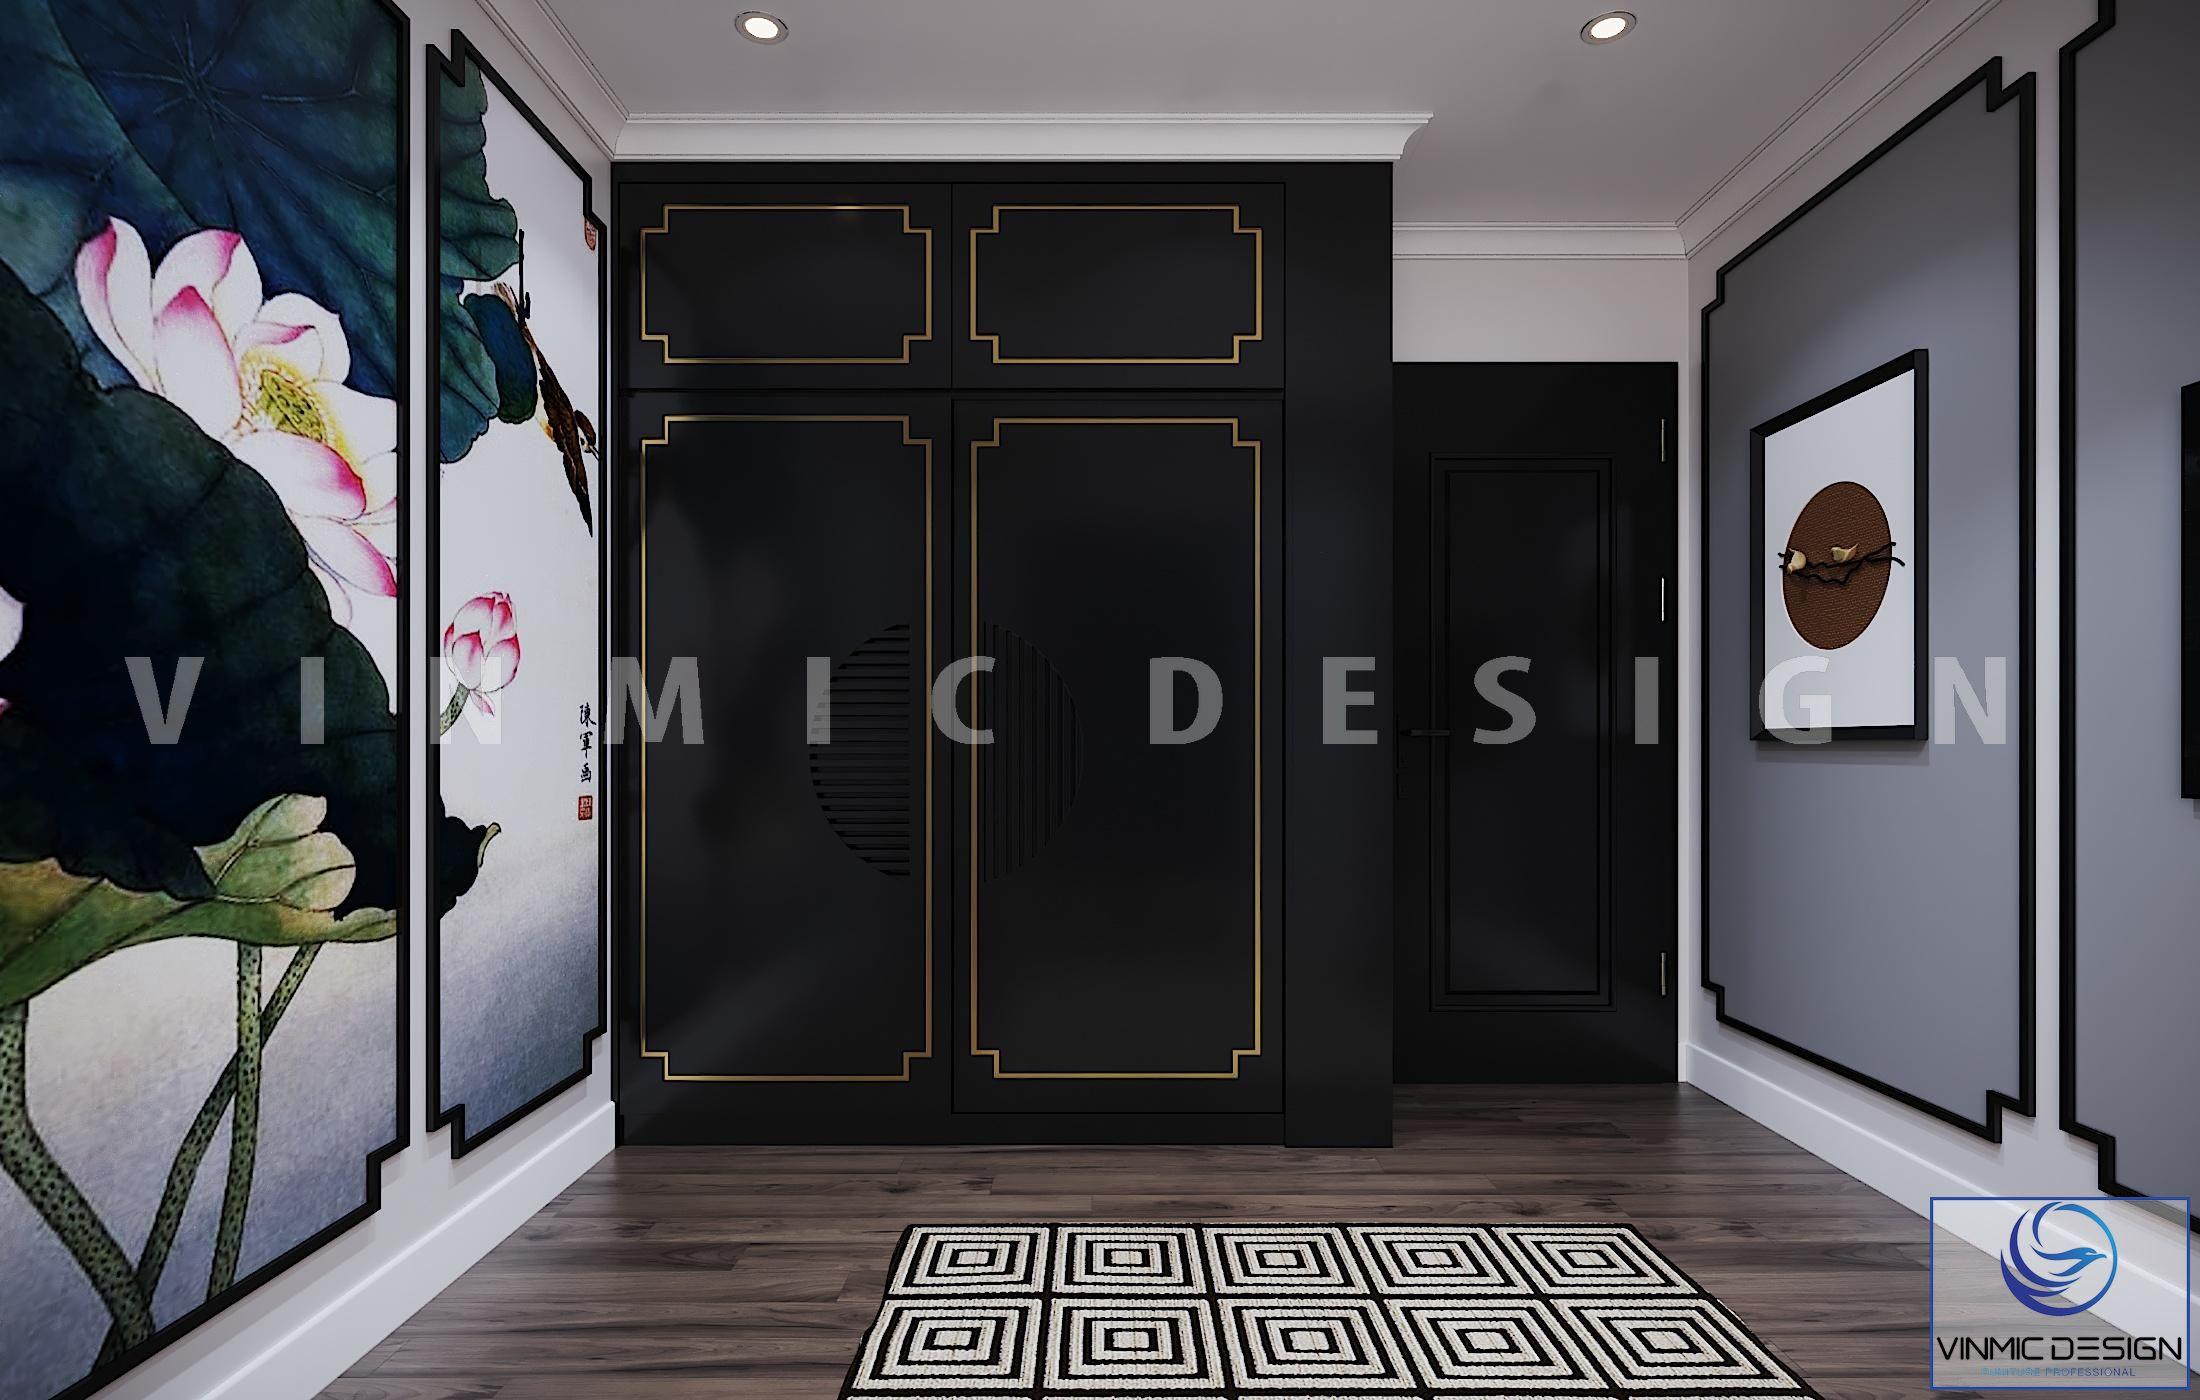 Tủ quần áo với viền tủ mạ vàng sang trọng phong cách Indochine (Á Đông) cho căn hộ tại chung cư Vinhomes Metropolis